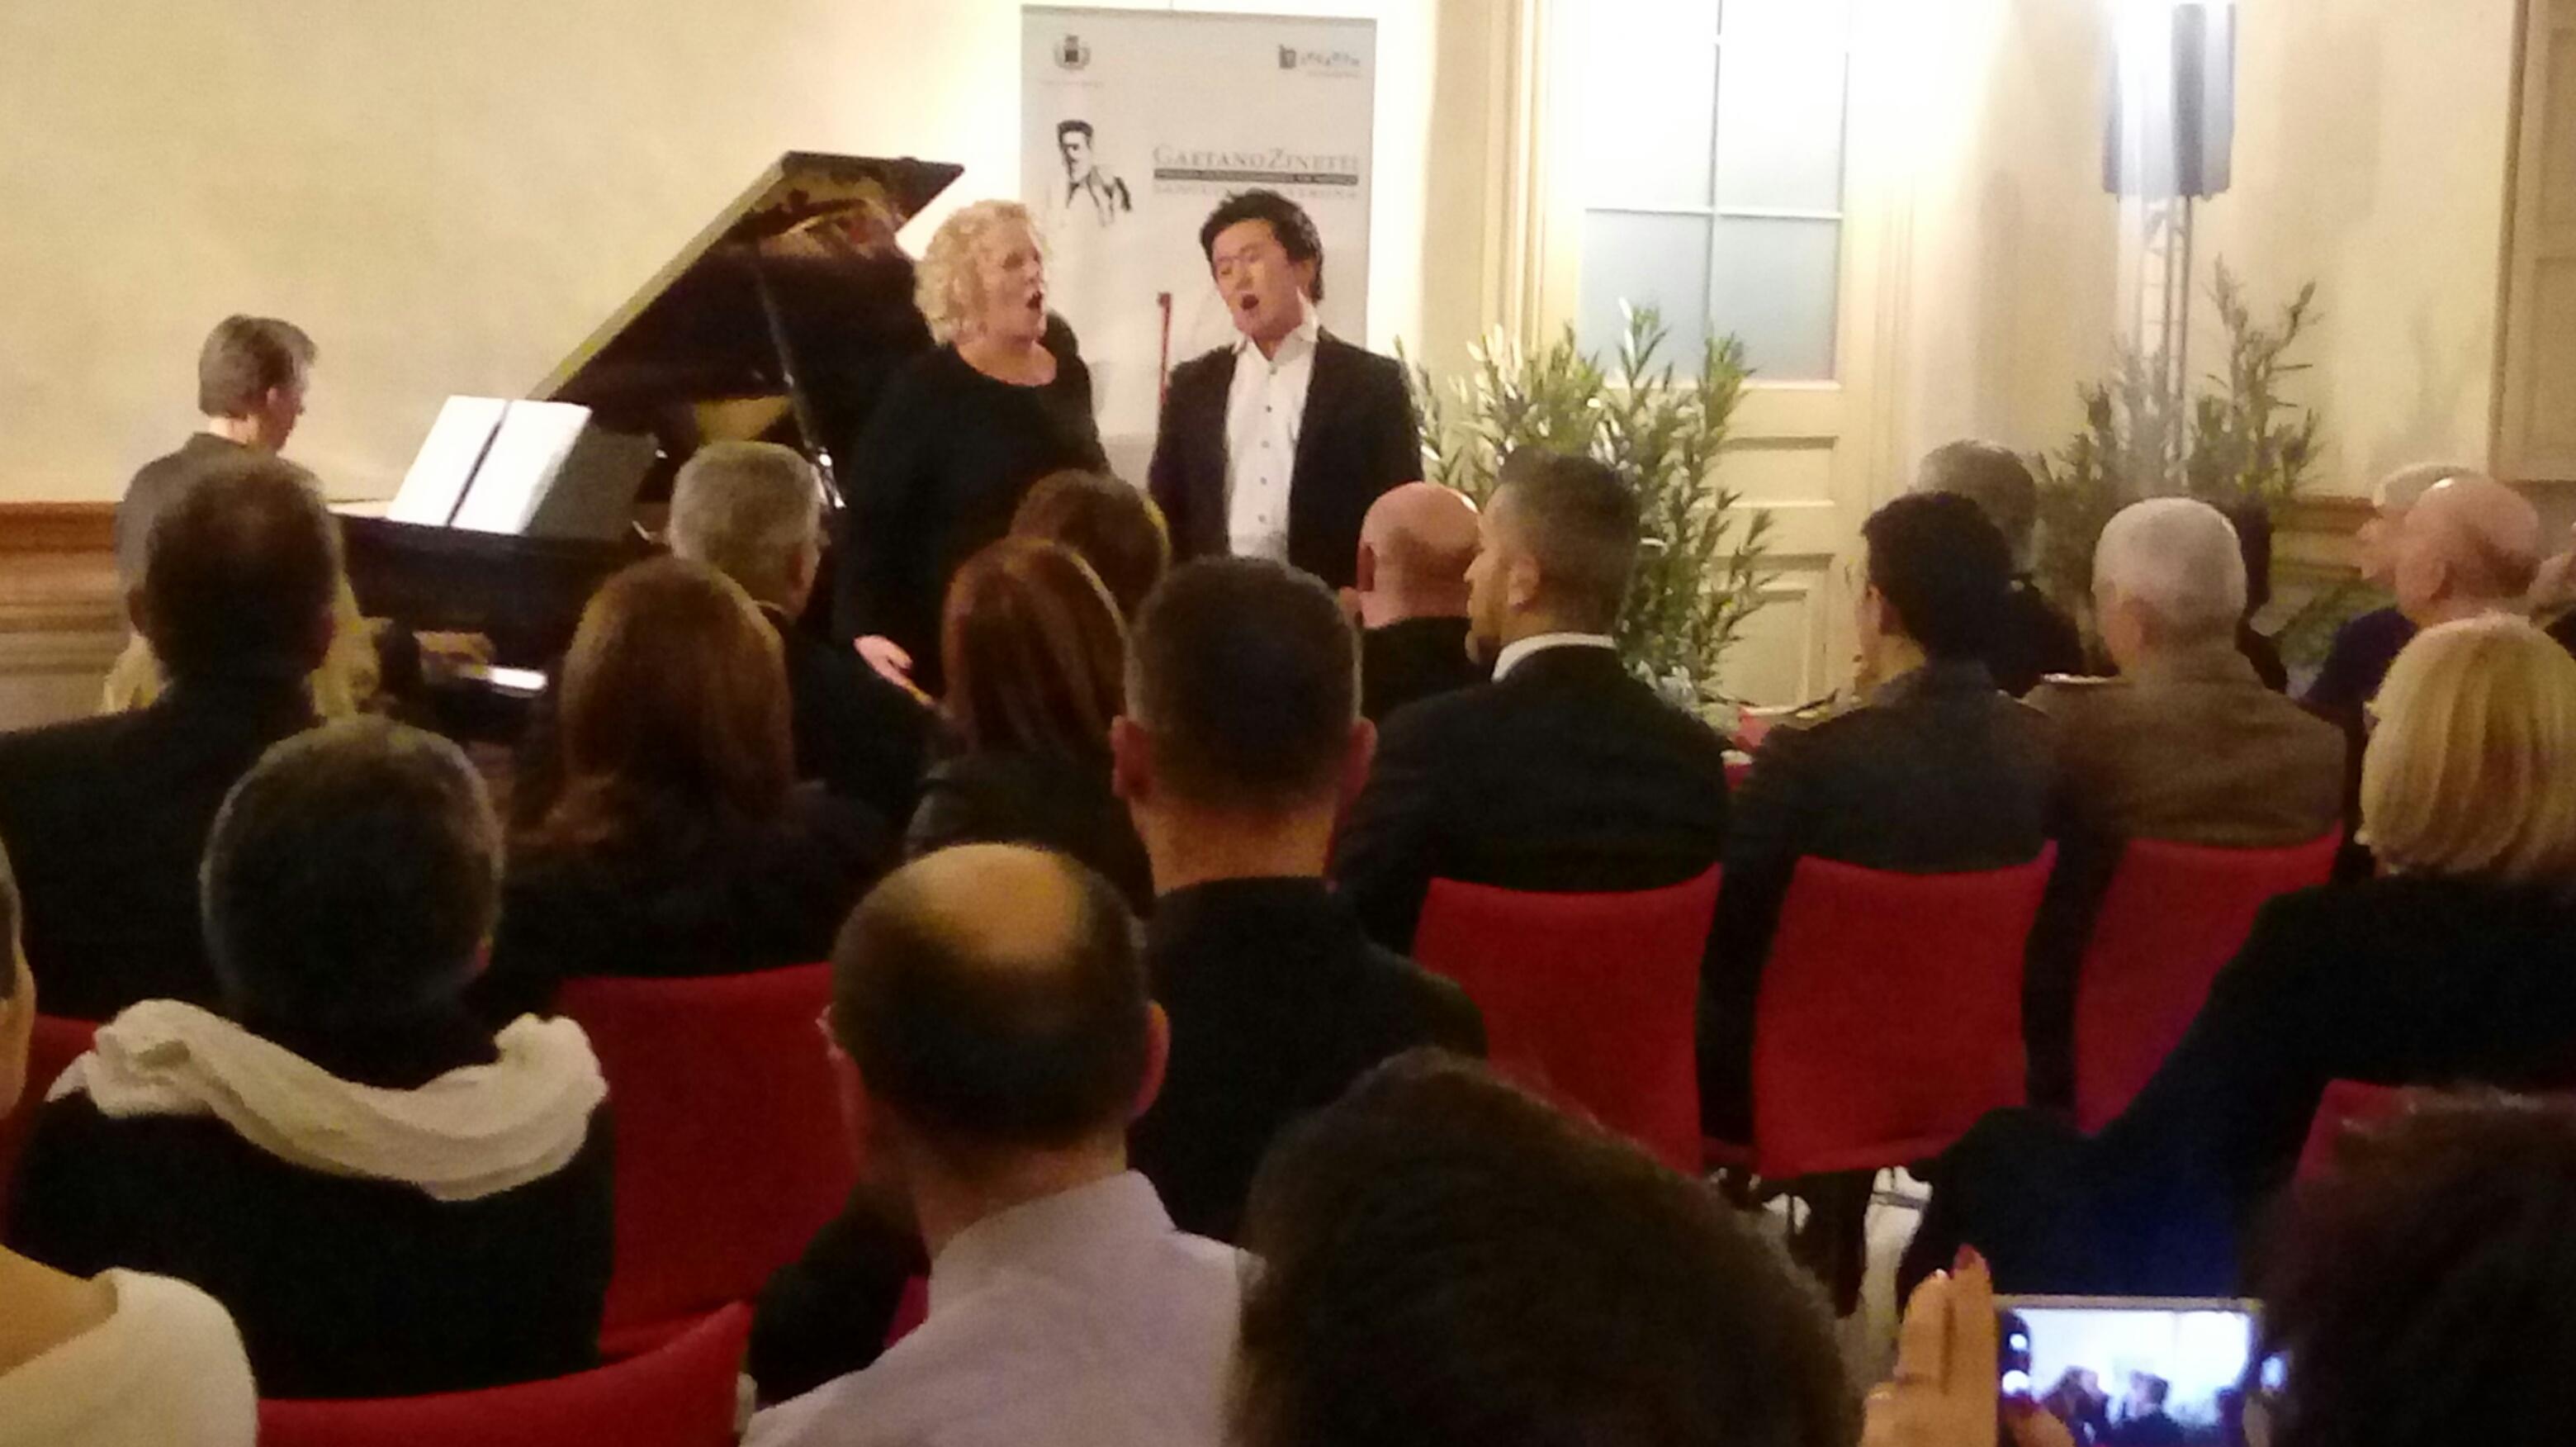 Moncalieri, Ricciarelli affascina gli ospiti del concerto al castello